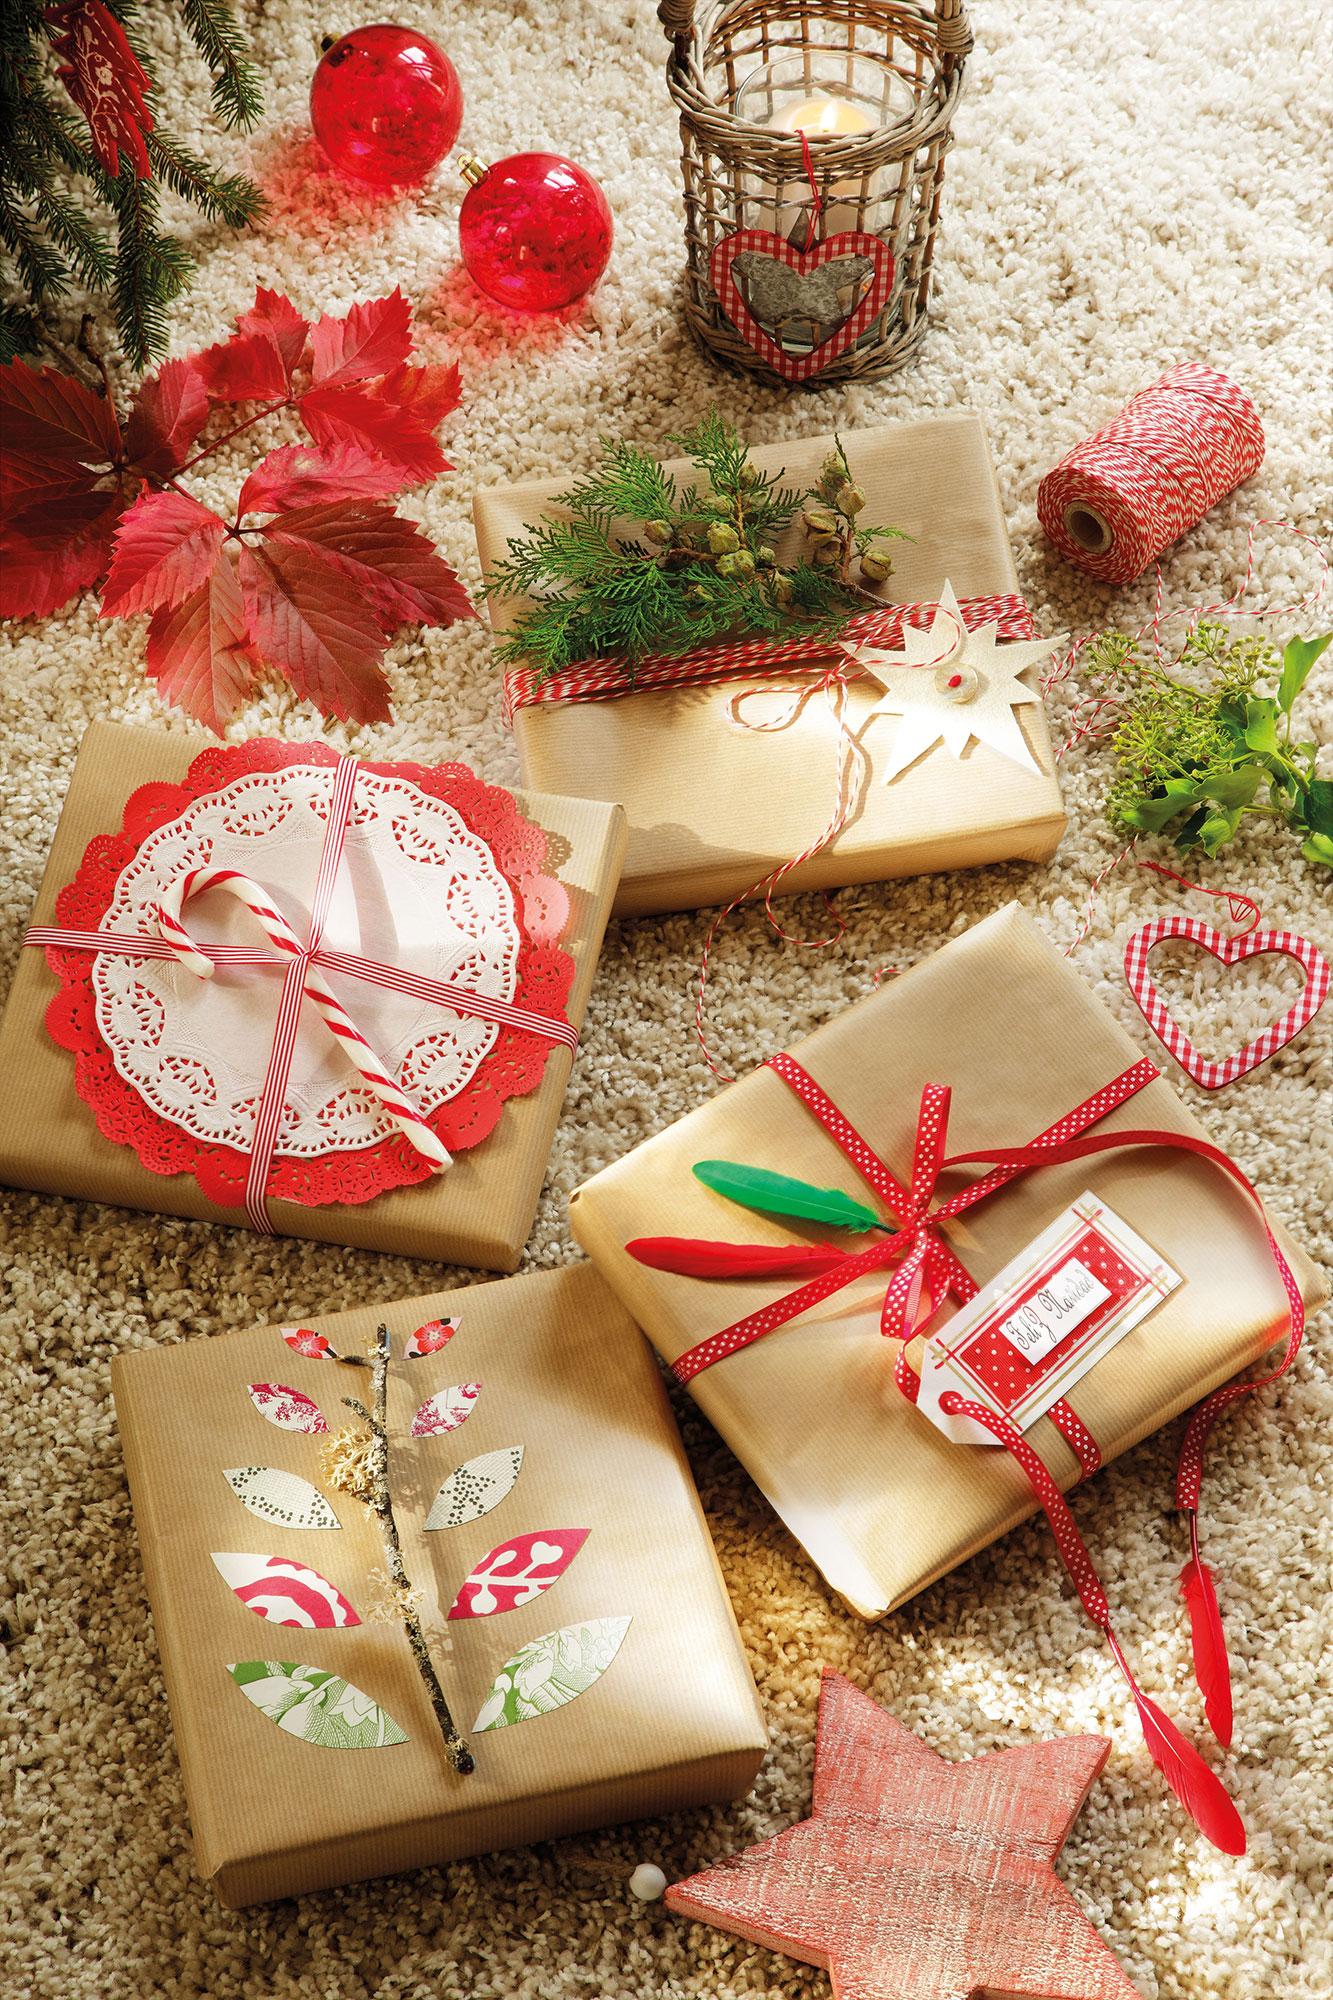 Decoraci n de navidad en rojo y verde 15 ideas para - Detalles de decoracion para casa ...